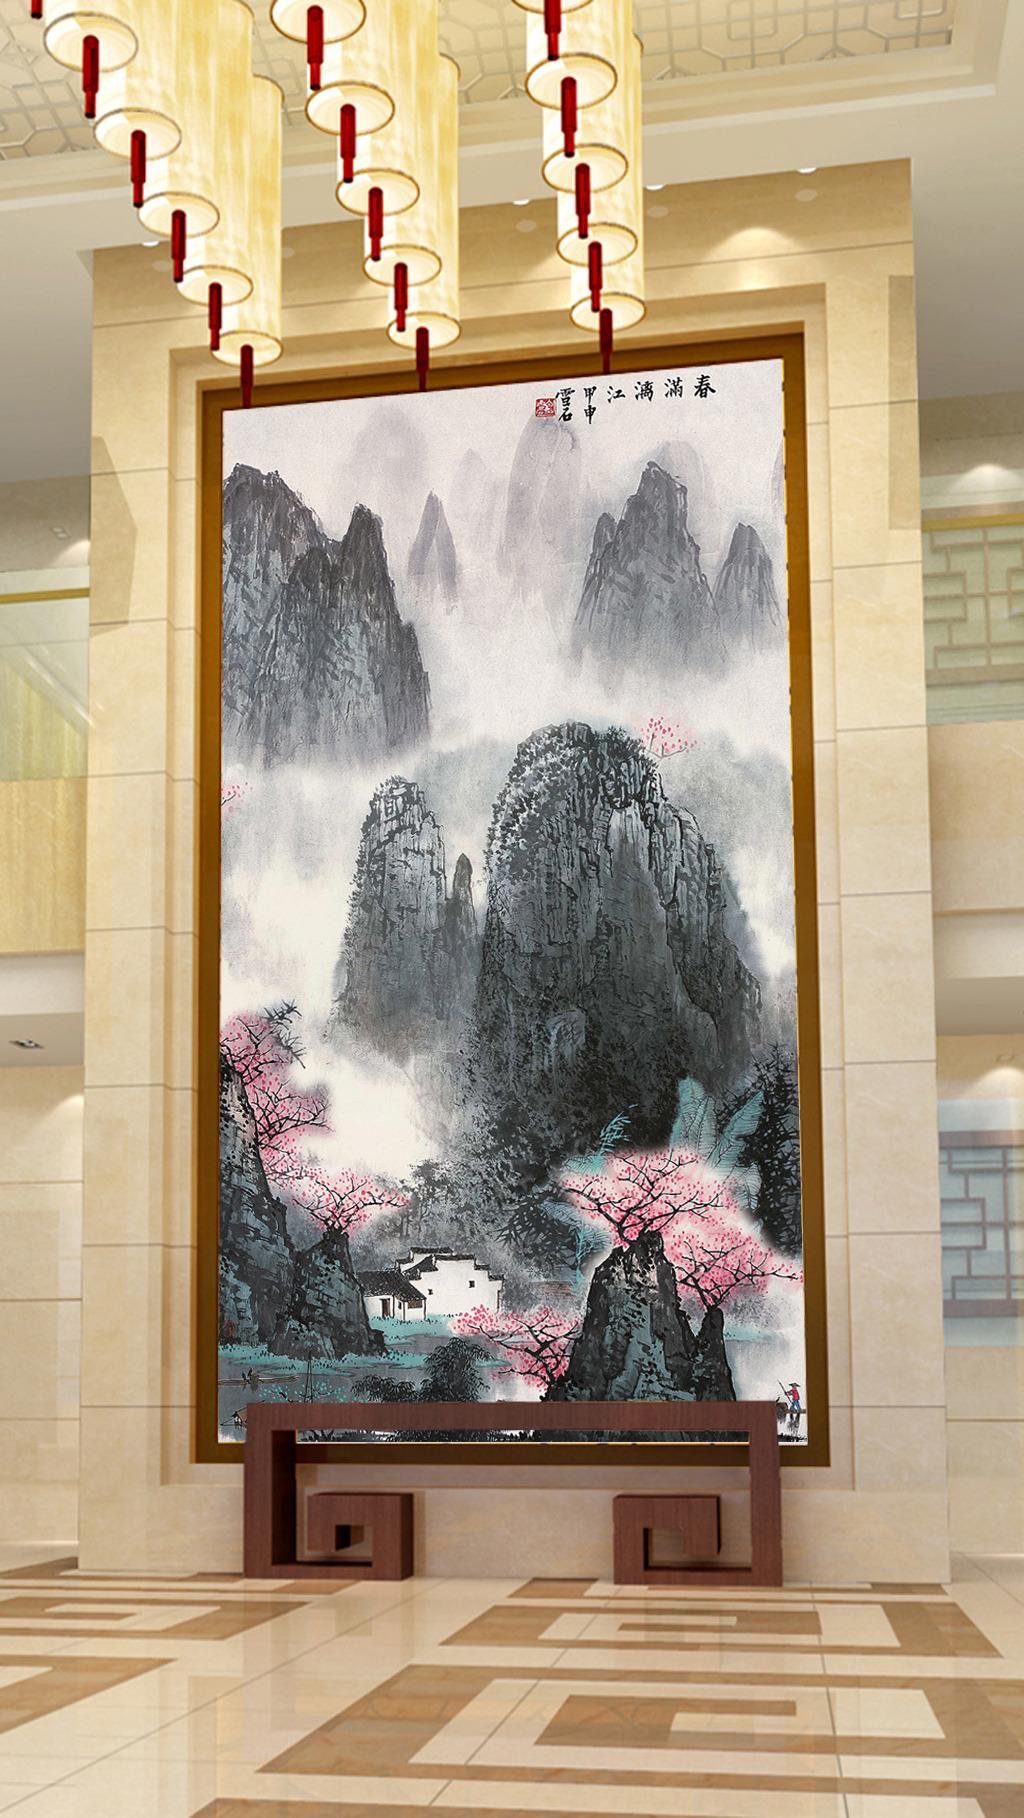 山水/国画山水画水墨画山水风景画山水国画玄关